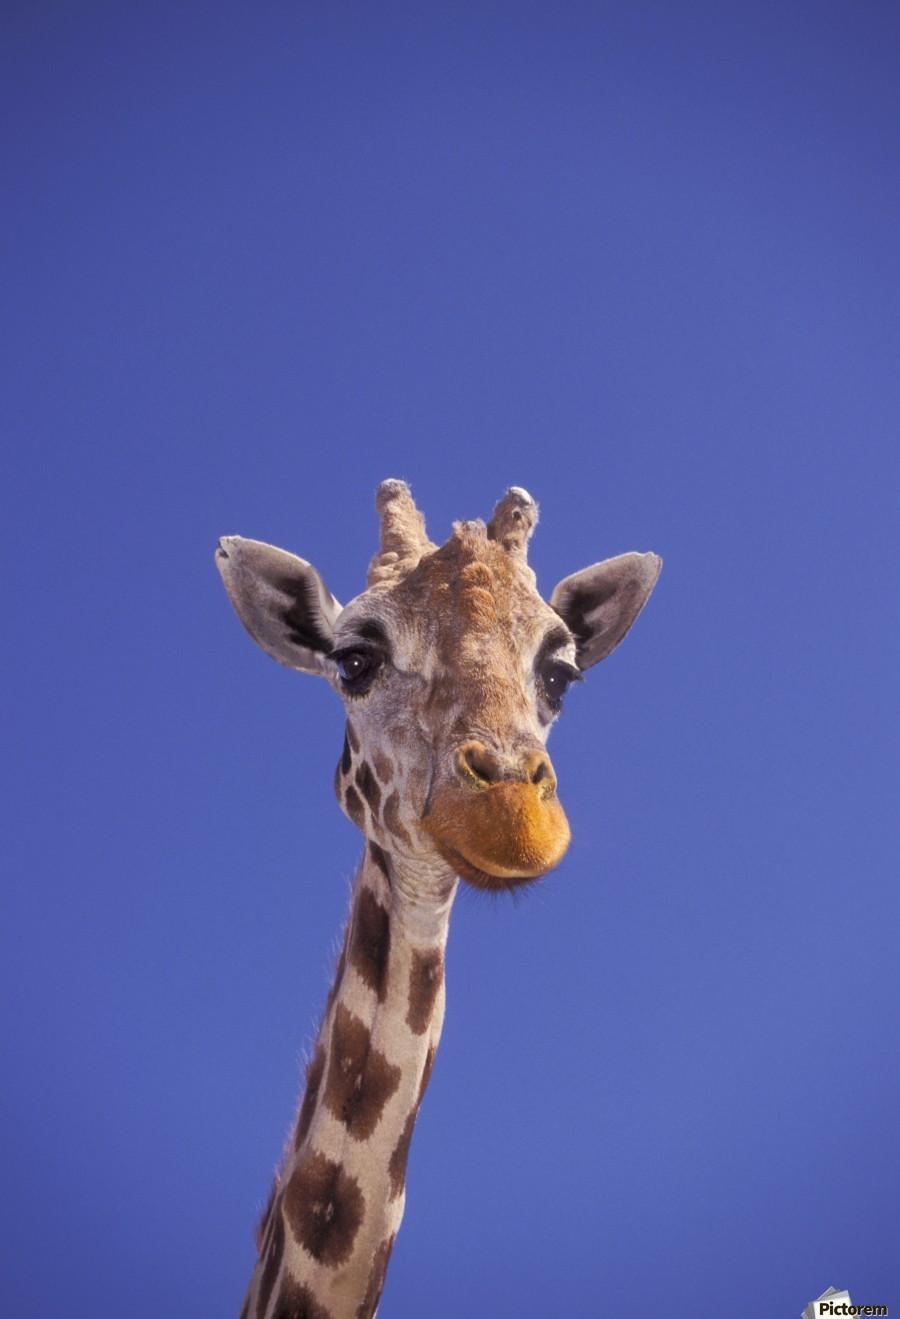 Masai Giraffe, Serengeti, Africa  Print